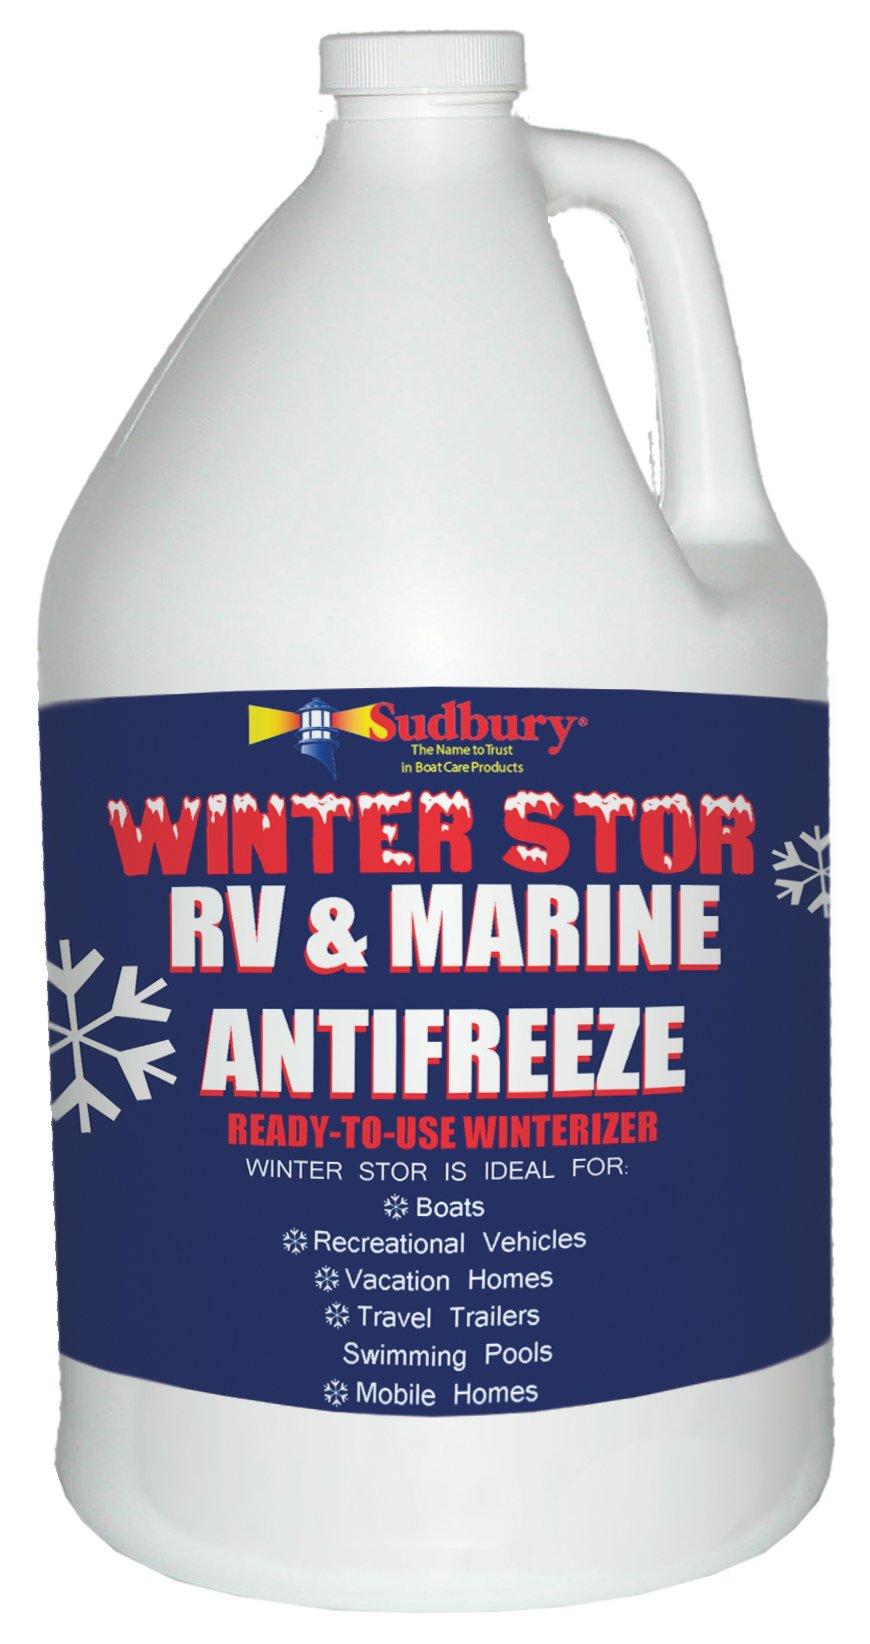 Sudbury Winter Stor 50 by Sudbury®